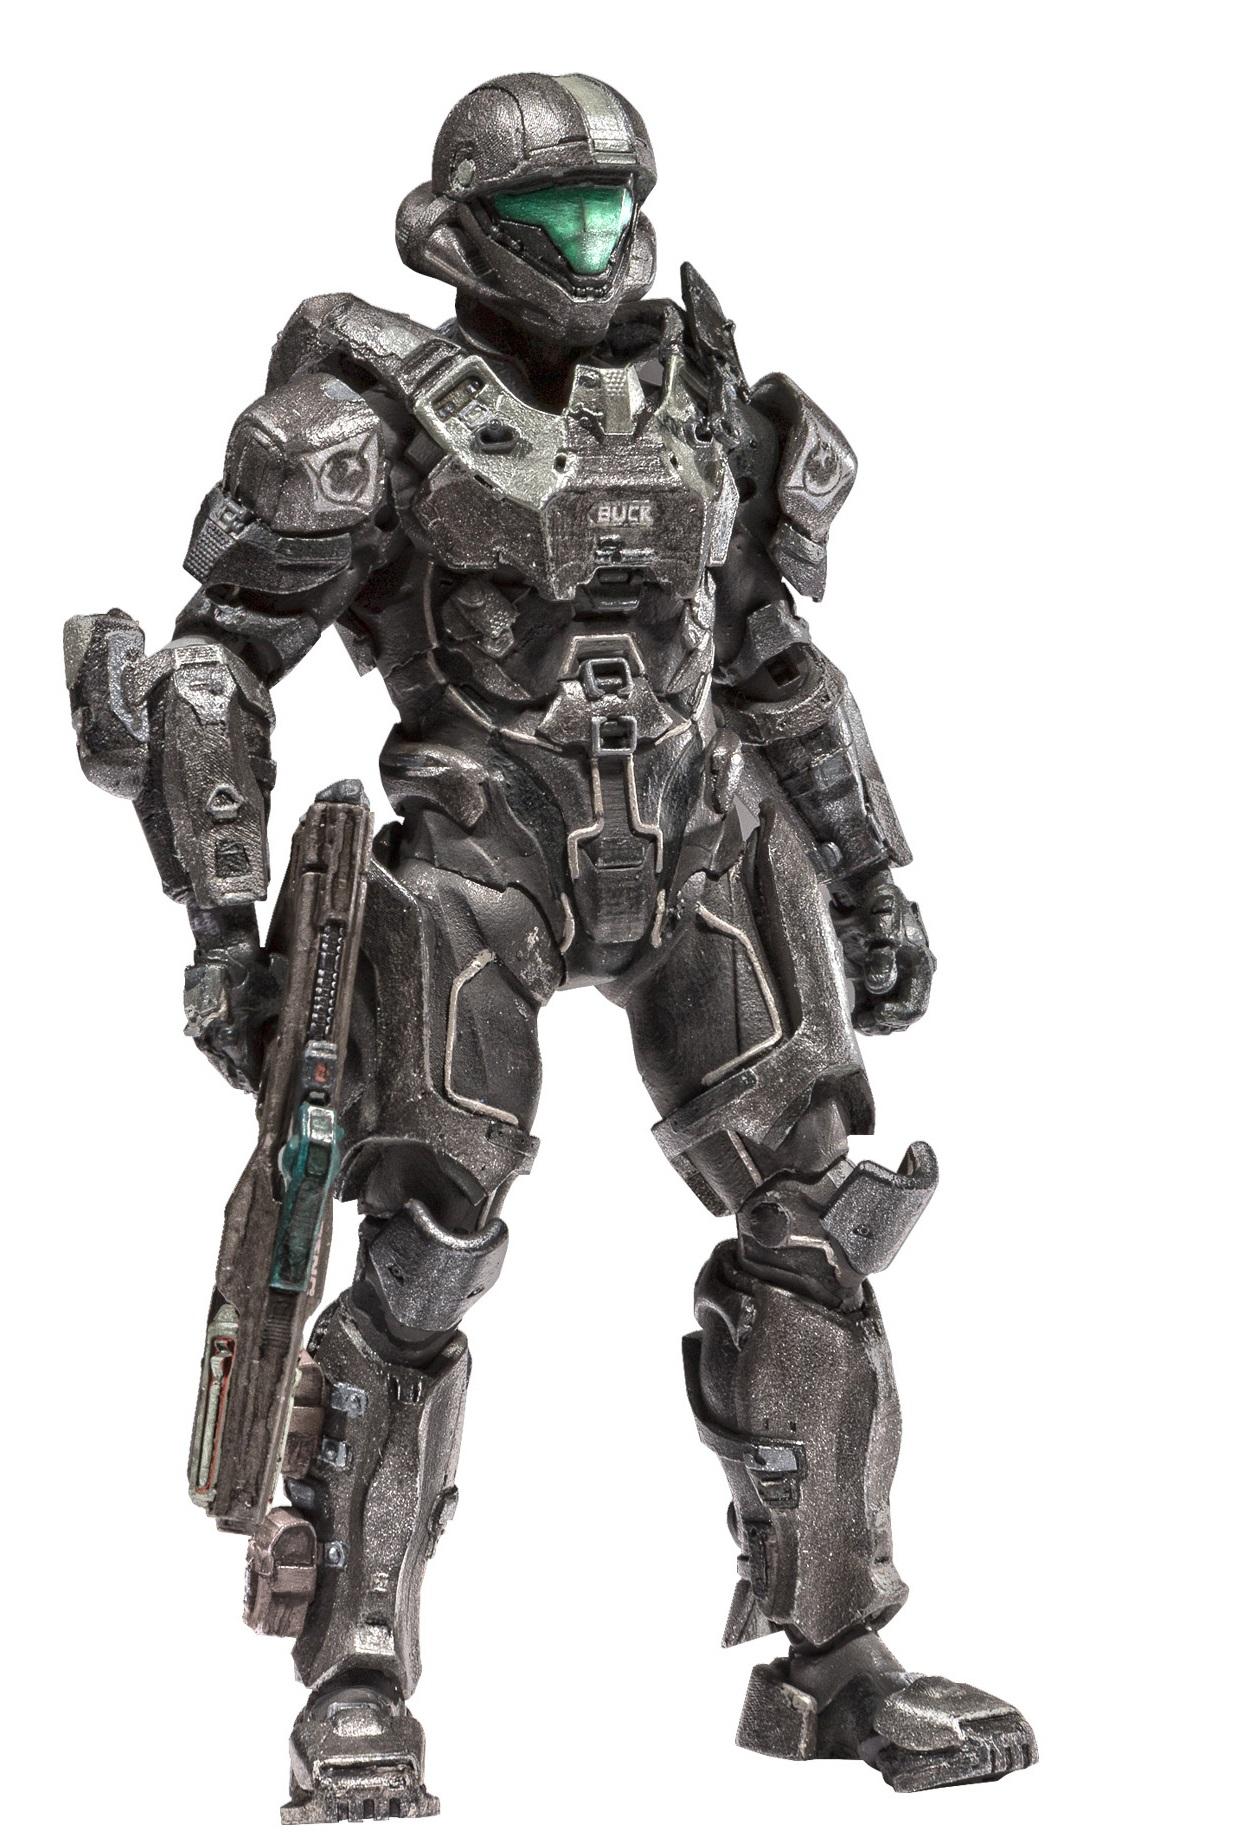 Фигурка Halo 5. Spartan Buck (15 см)Представляем вашему вниманию фигурку Halo 5. Spartan Buck, воплощающую собой одного из элитных спартанцев из Команды Осирис и Синей Команды, хорошо известных всем поклонникам игры Halo 5: Guardians.<br>